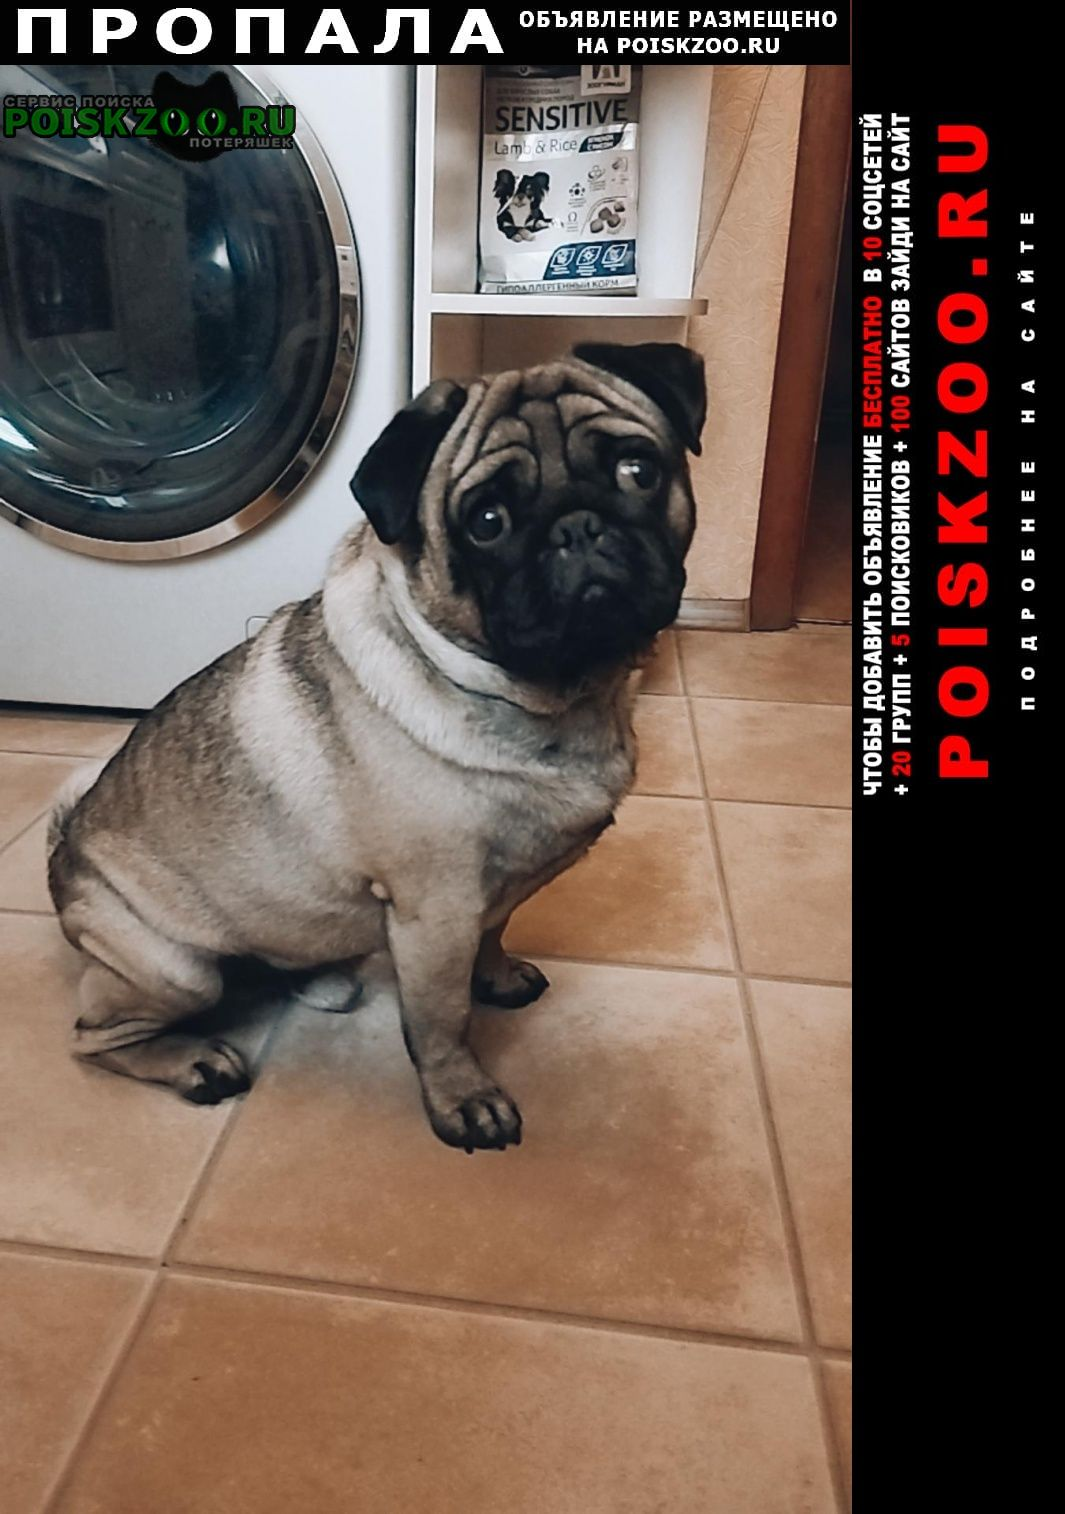 Пропала собака кобель помогите найти Дмитров